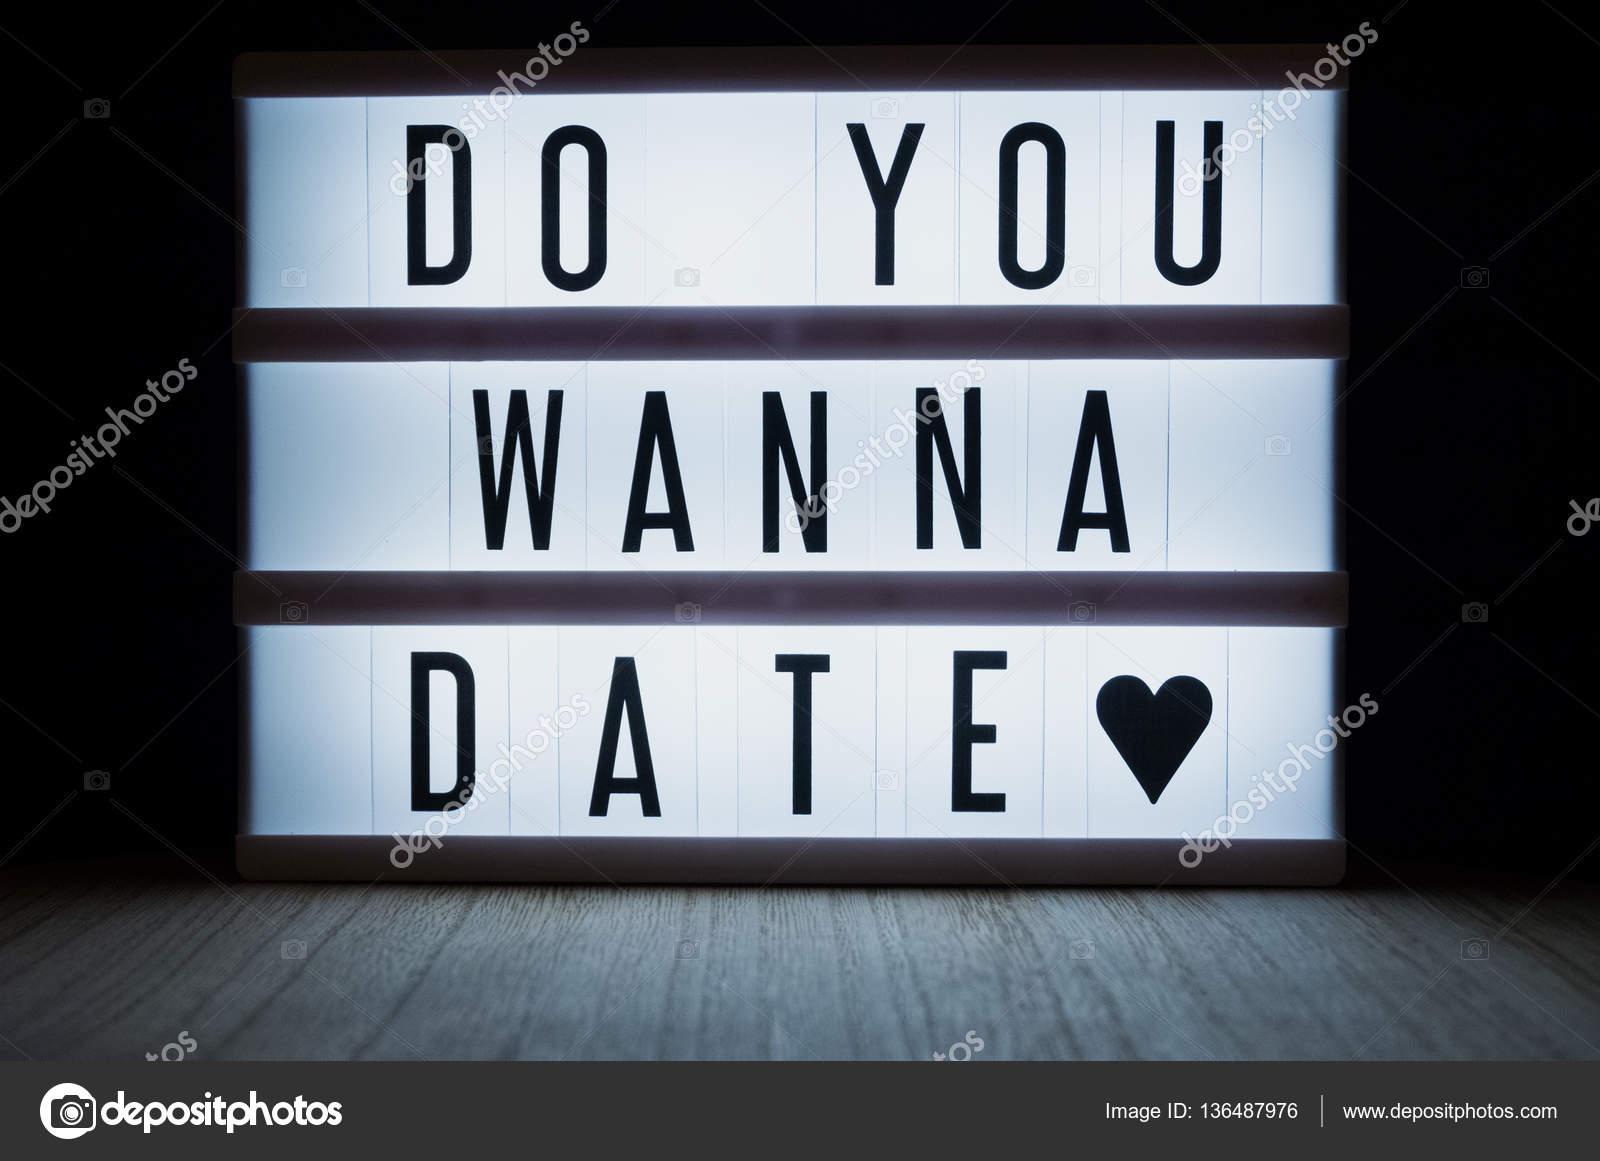 κείμενο dating σε απευθείας σύνδεση δωρεάν Μπόιζι